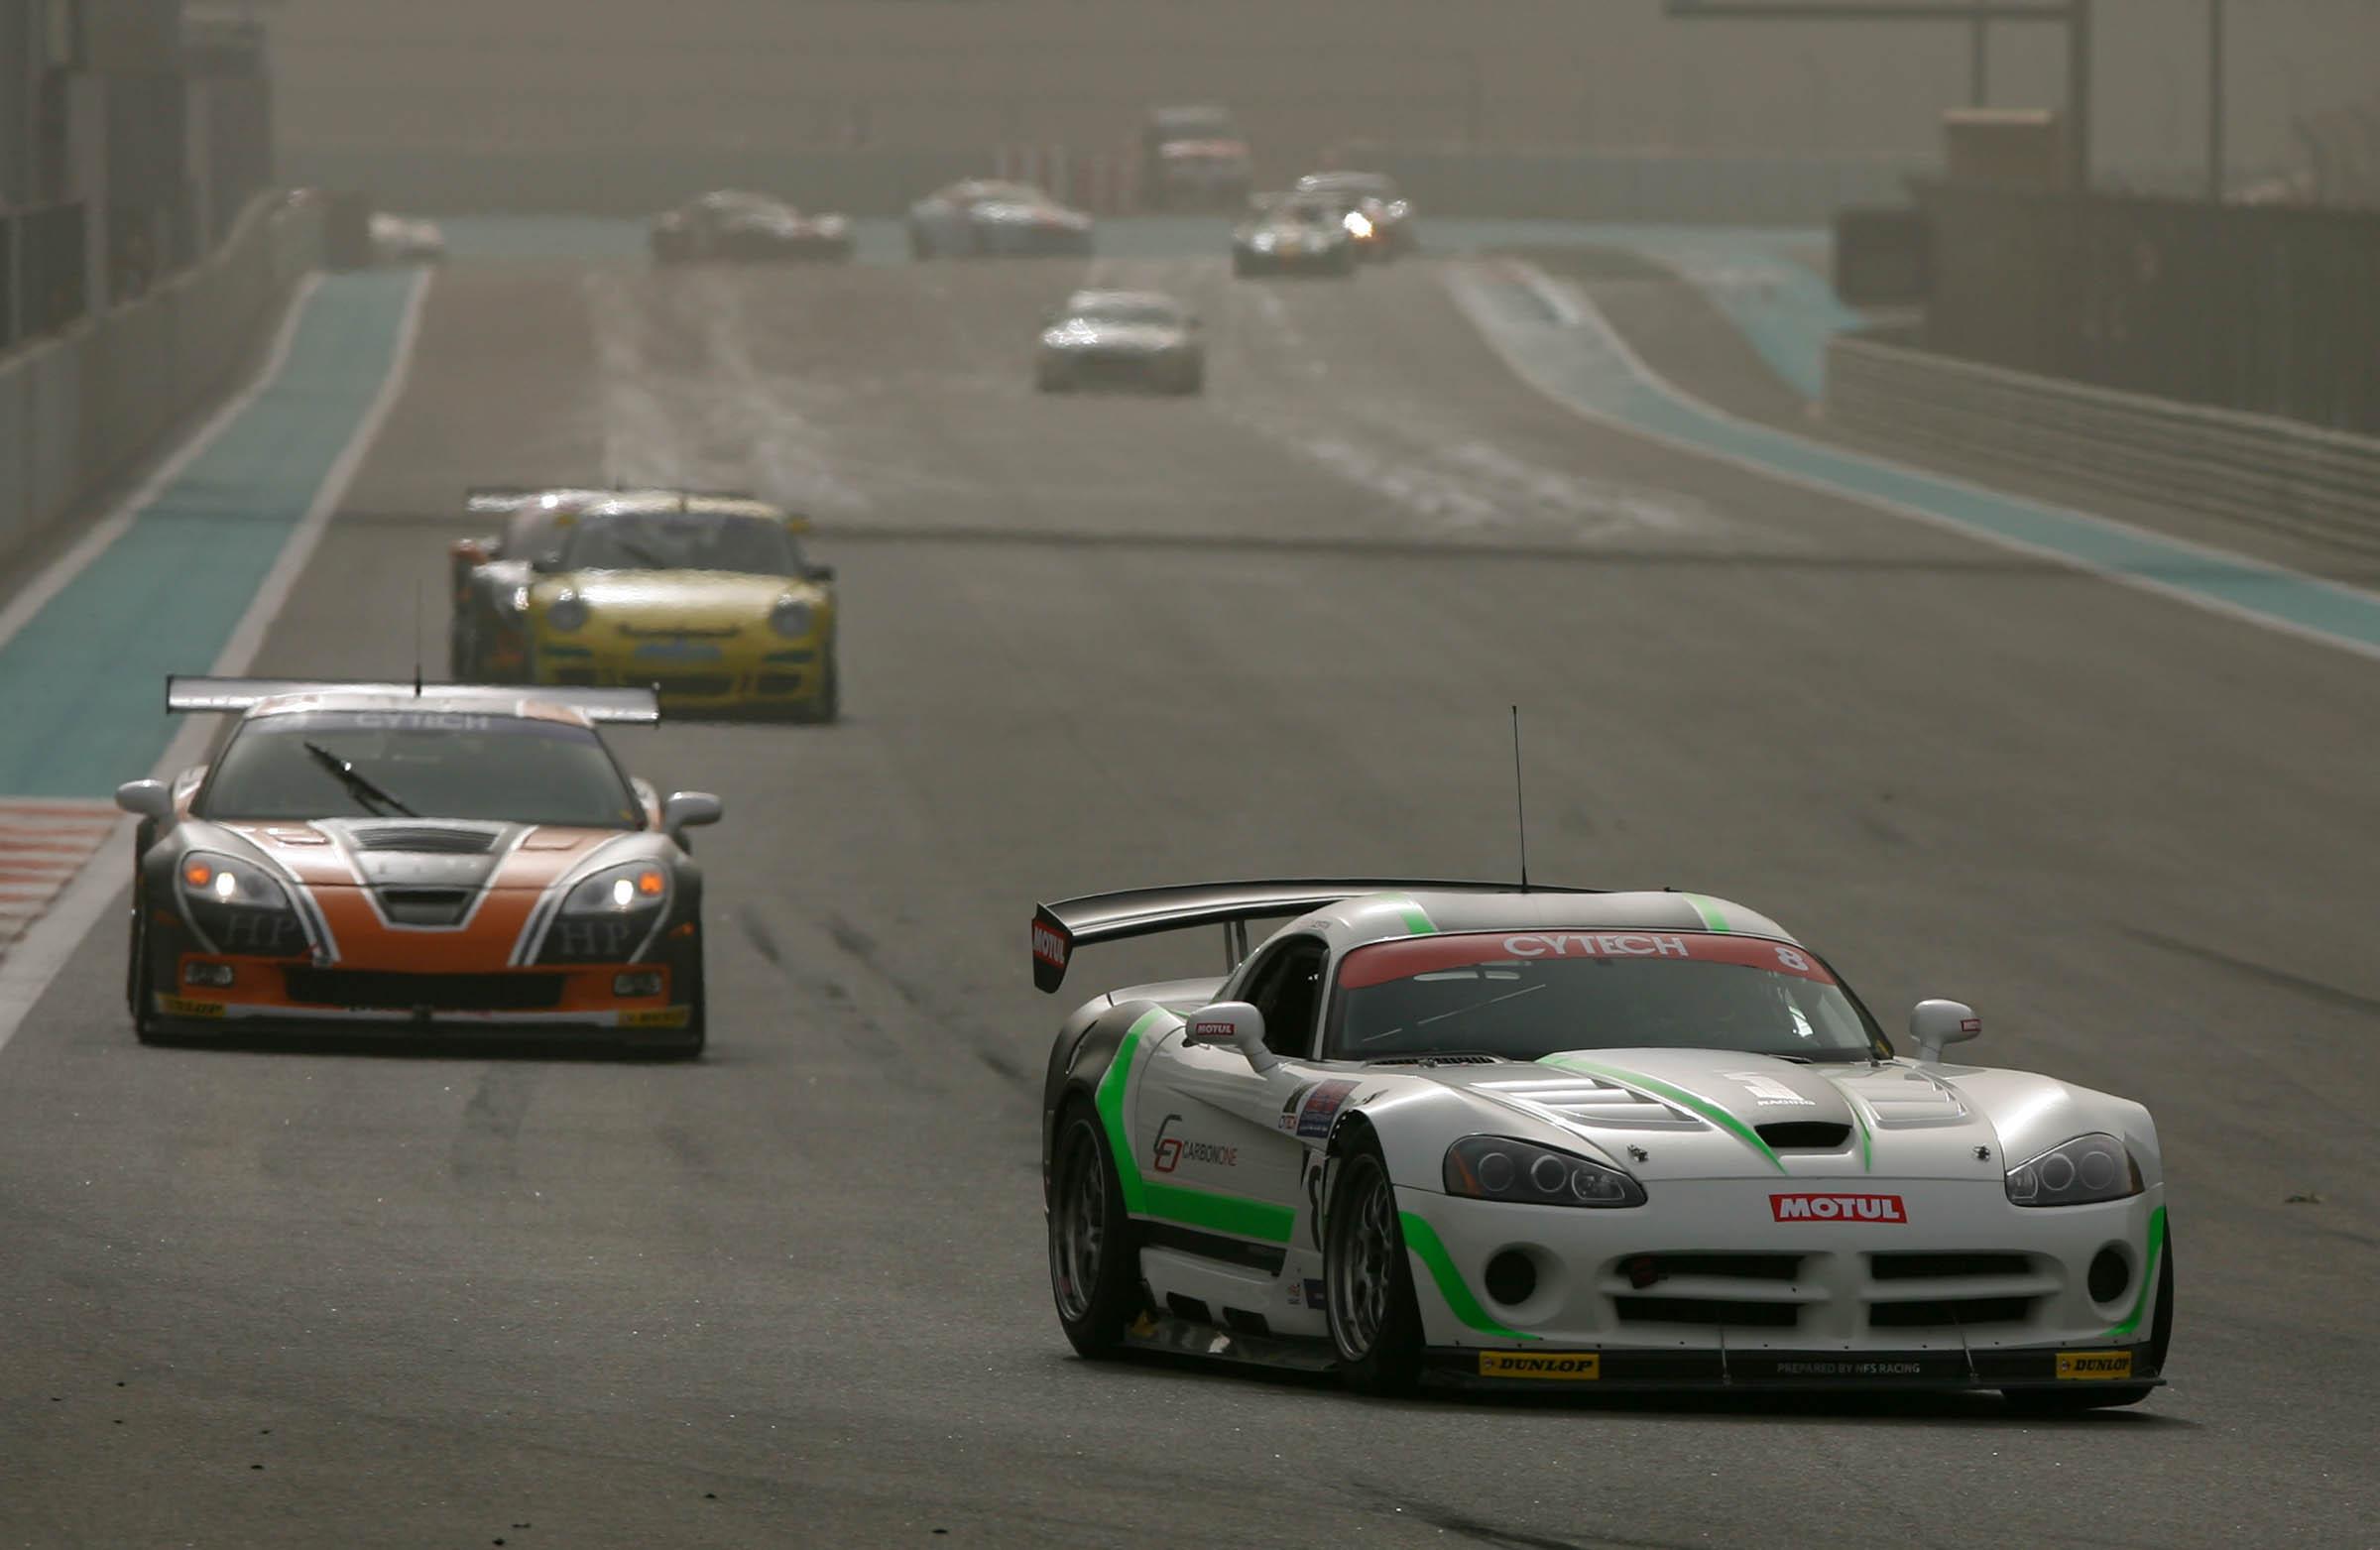 Cytech UAE GT race winner